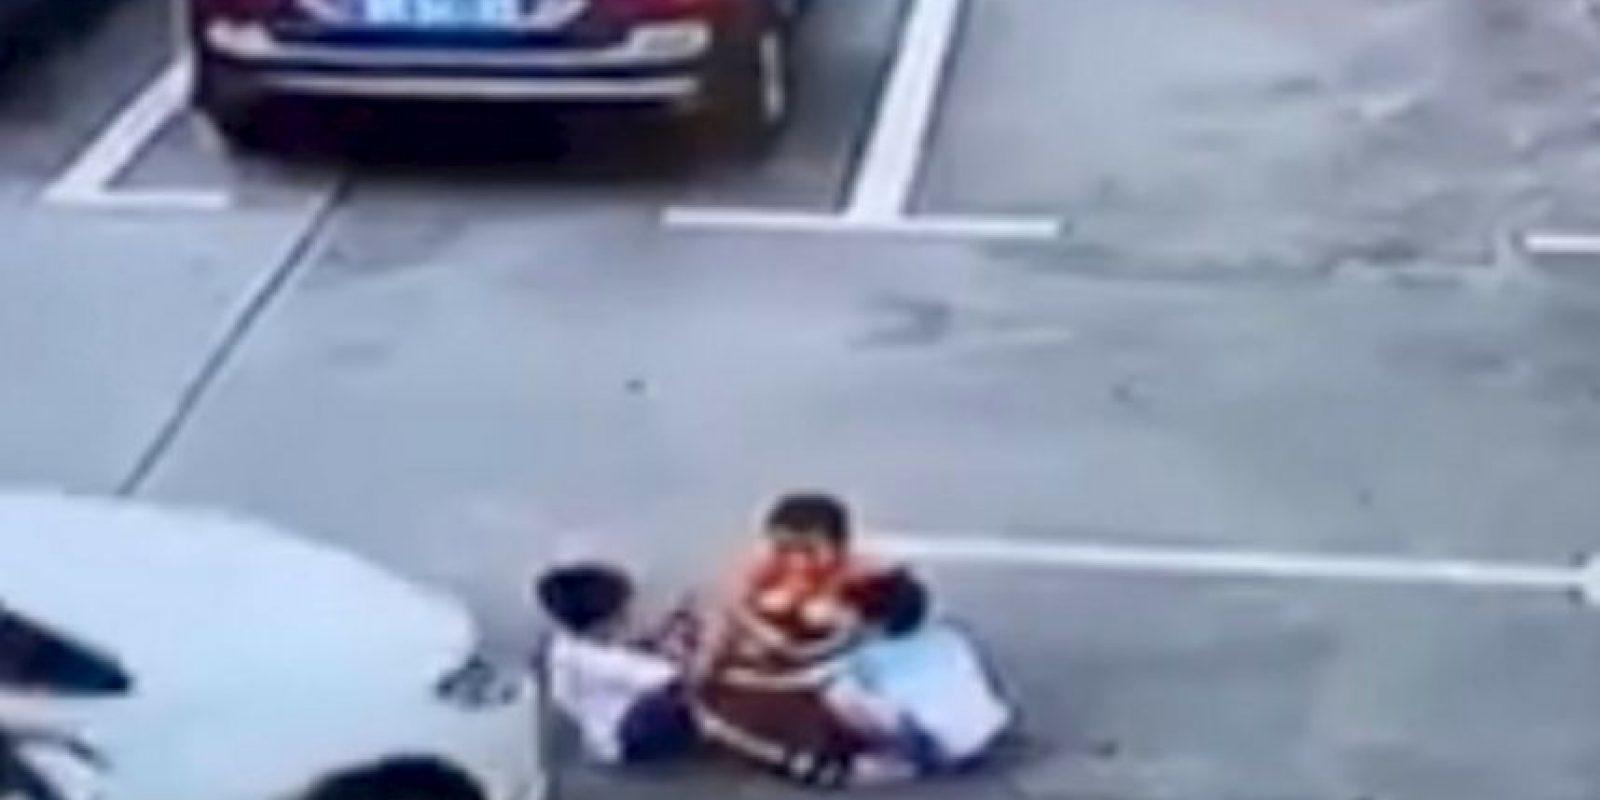 Los menores jugaban en un estacionamiento Foto:Captura